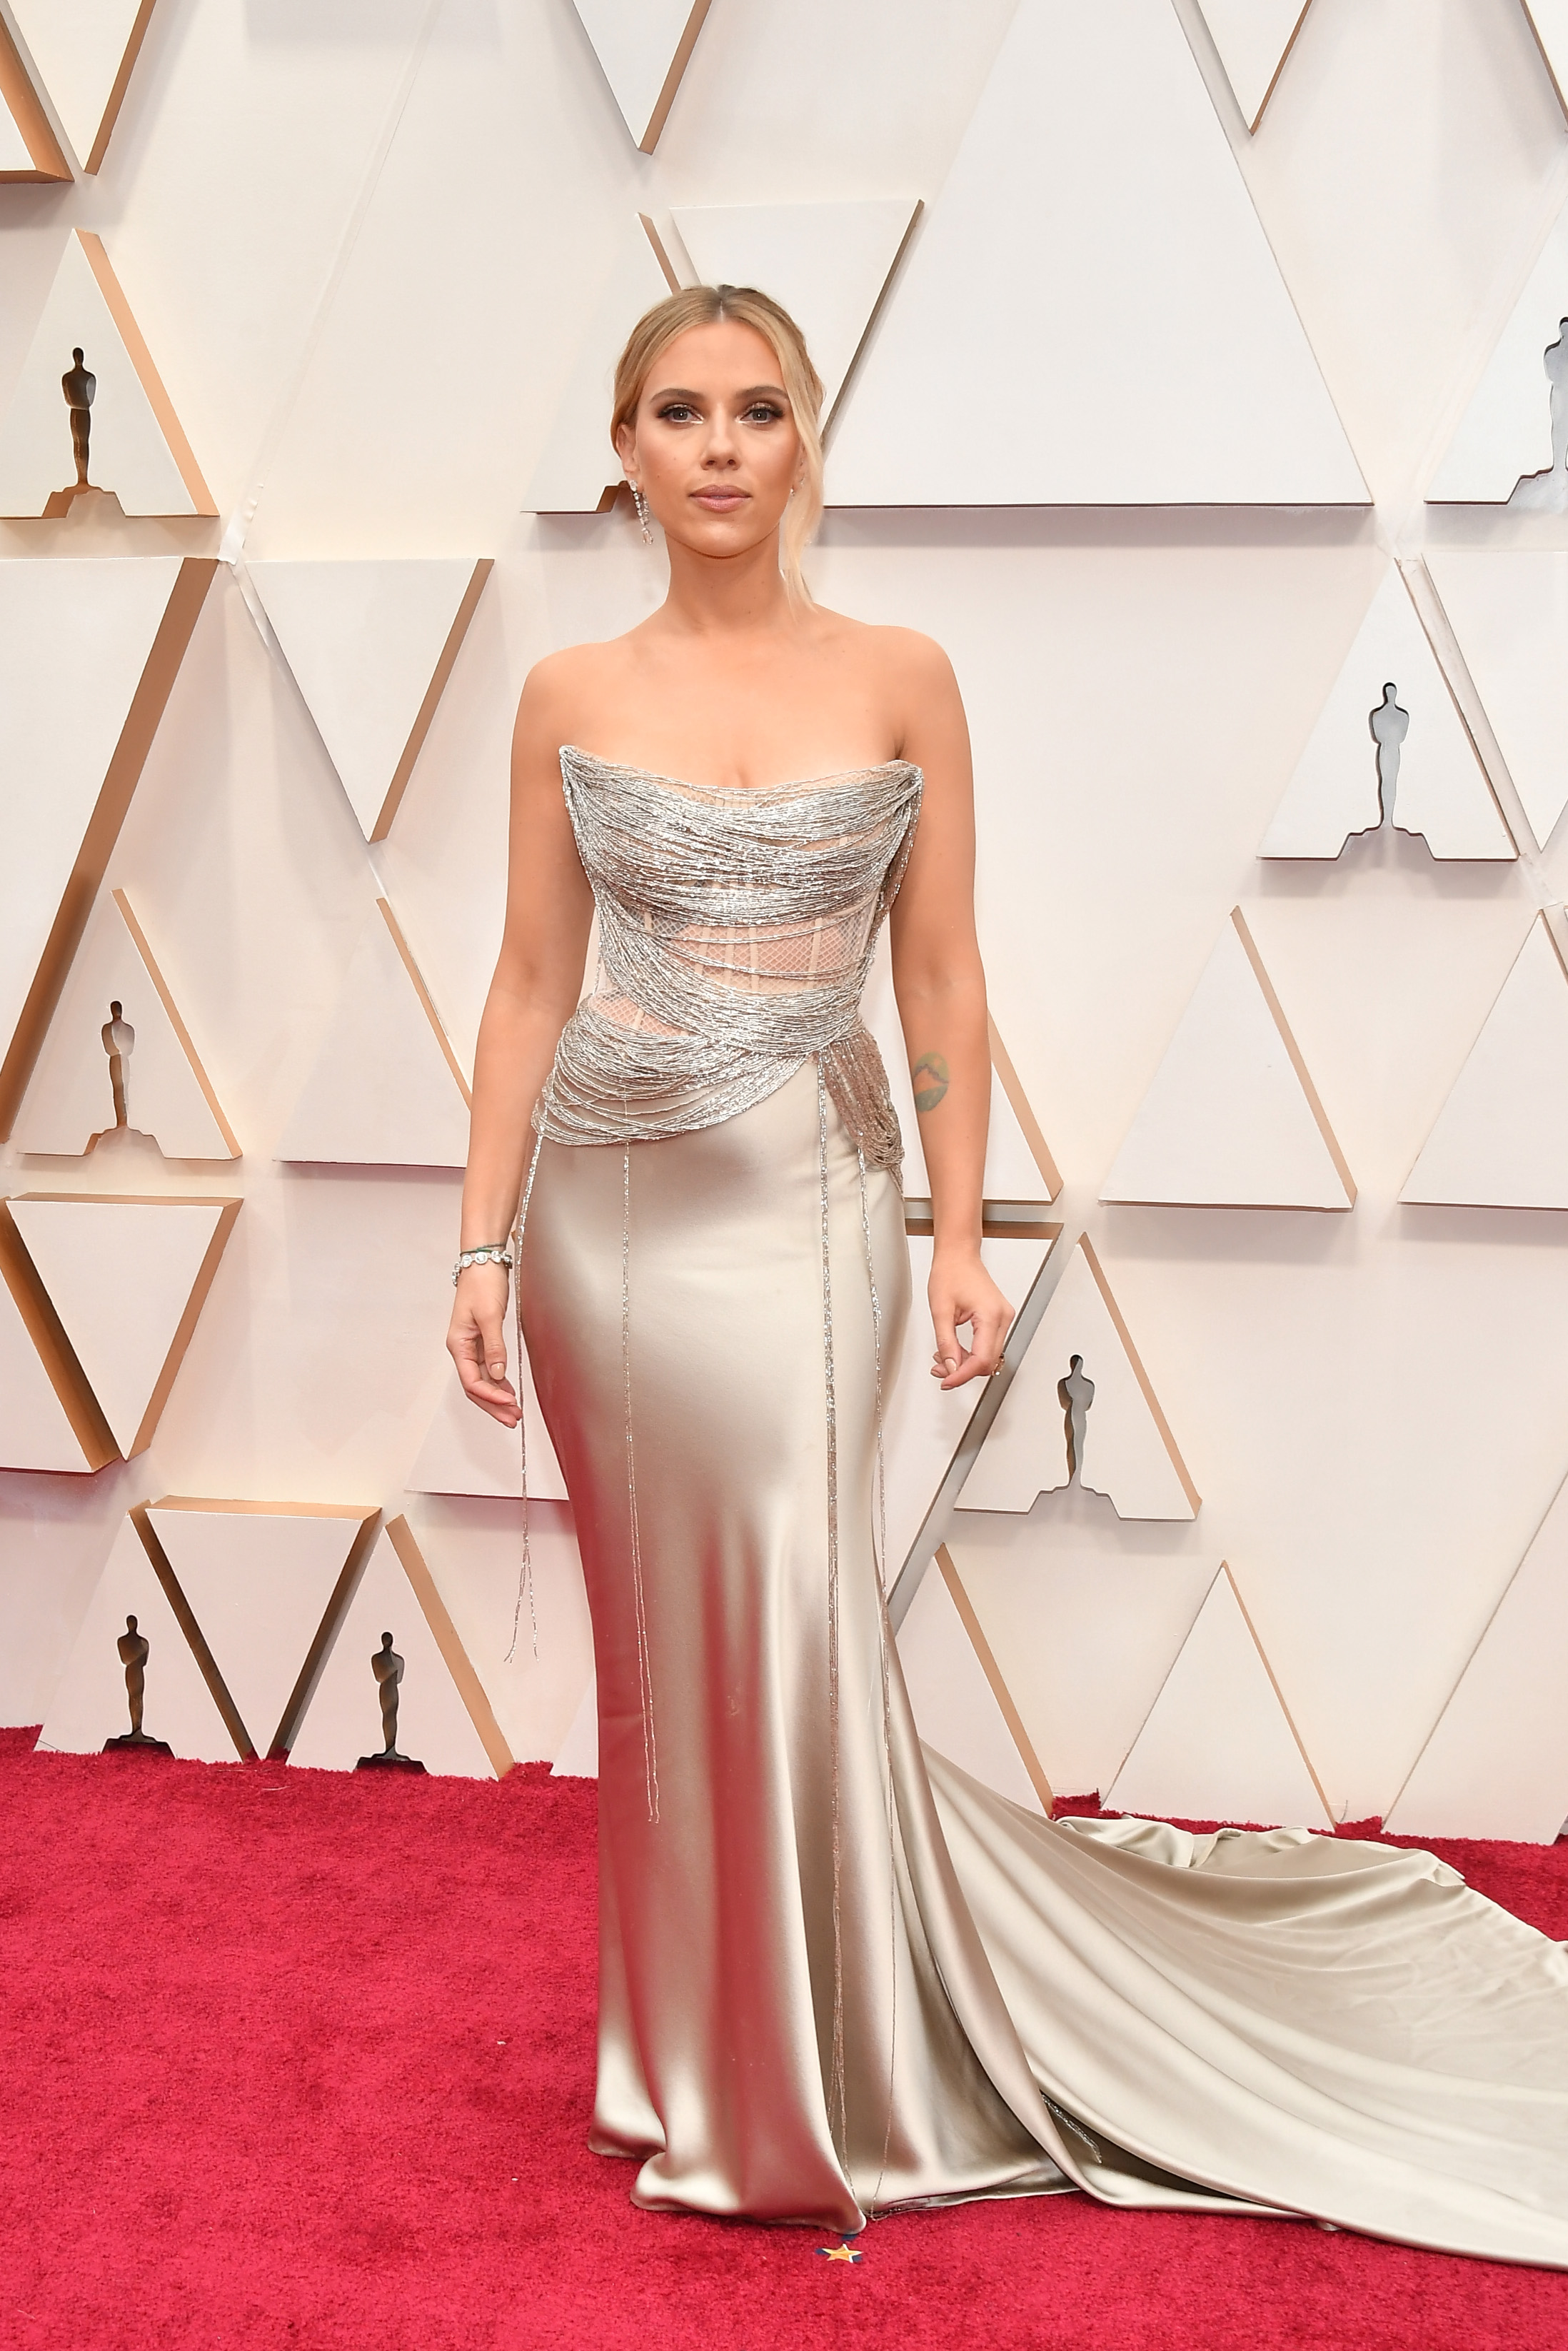 Скарлет Йохансон в Oscar de la Renta  Скарлет е удивителна в копринената рокля на de la Renta, не изневерява на стила си, но за разлика от церемонията по връчването на наградите BAFTA от миналата седмица, изглежда по-малко провокативно, което в нейния случай е голям плюс.